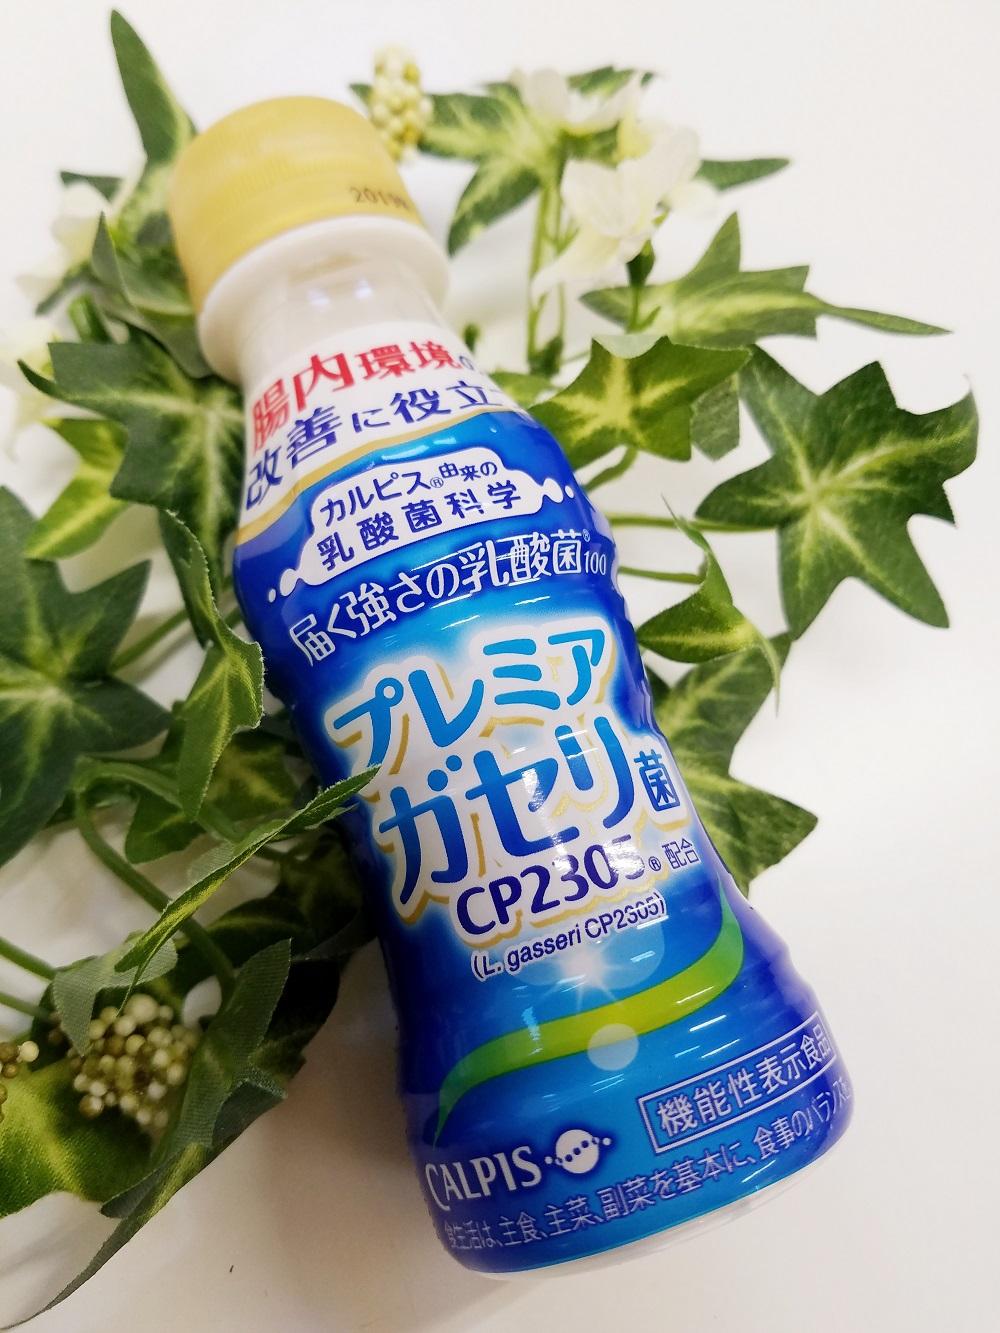 アサヒ飲料、カルピス、カルピス由来の乳酸菌科学、プレミアガゼリ菌CP2305、乳酸菌飲料、届く強さの乳酸菌プレミアガゼリ菌CP2305